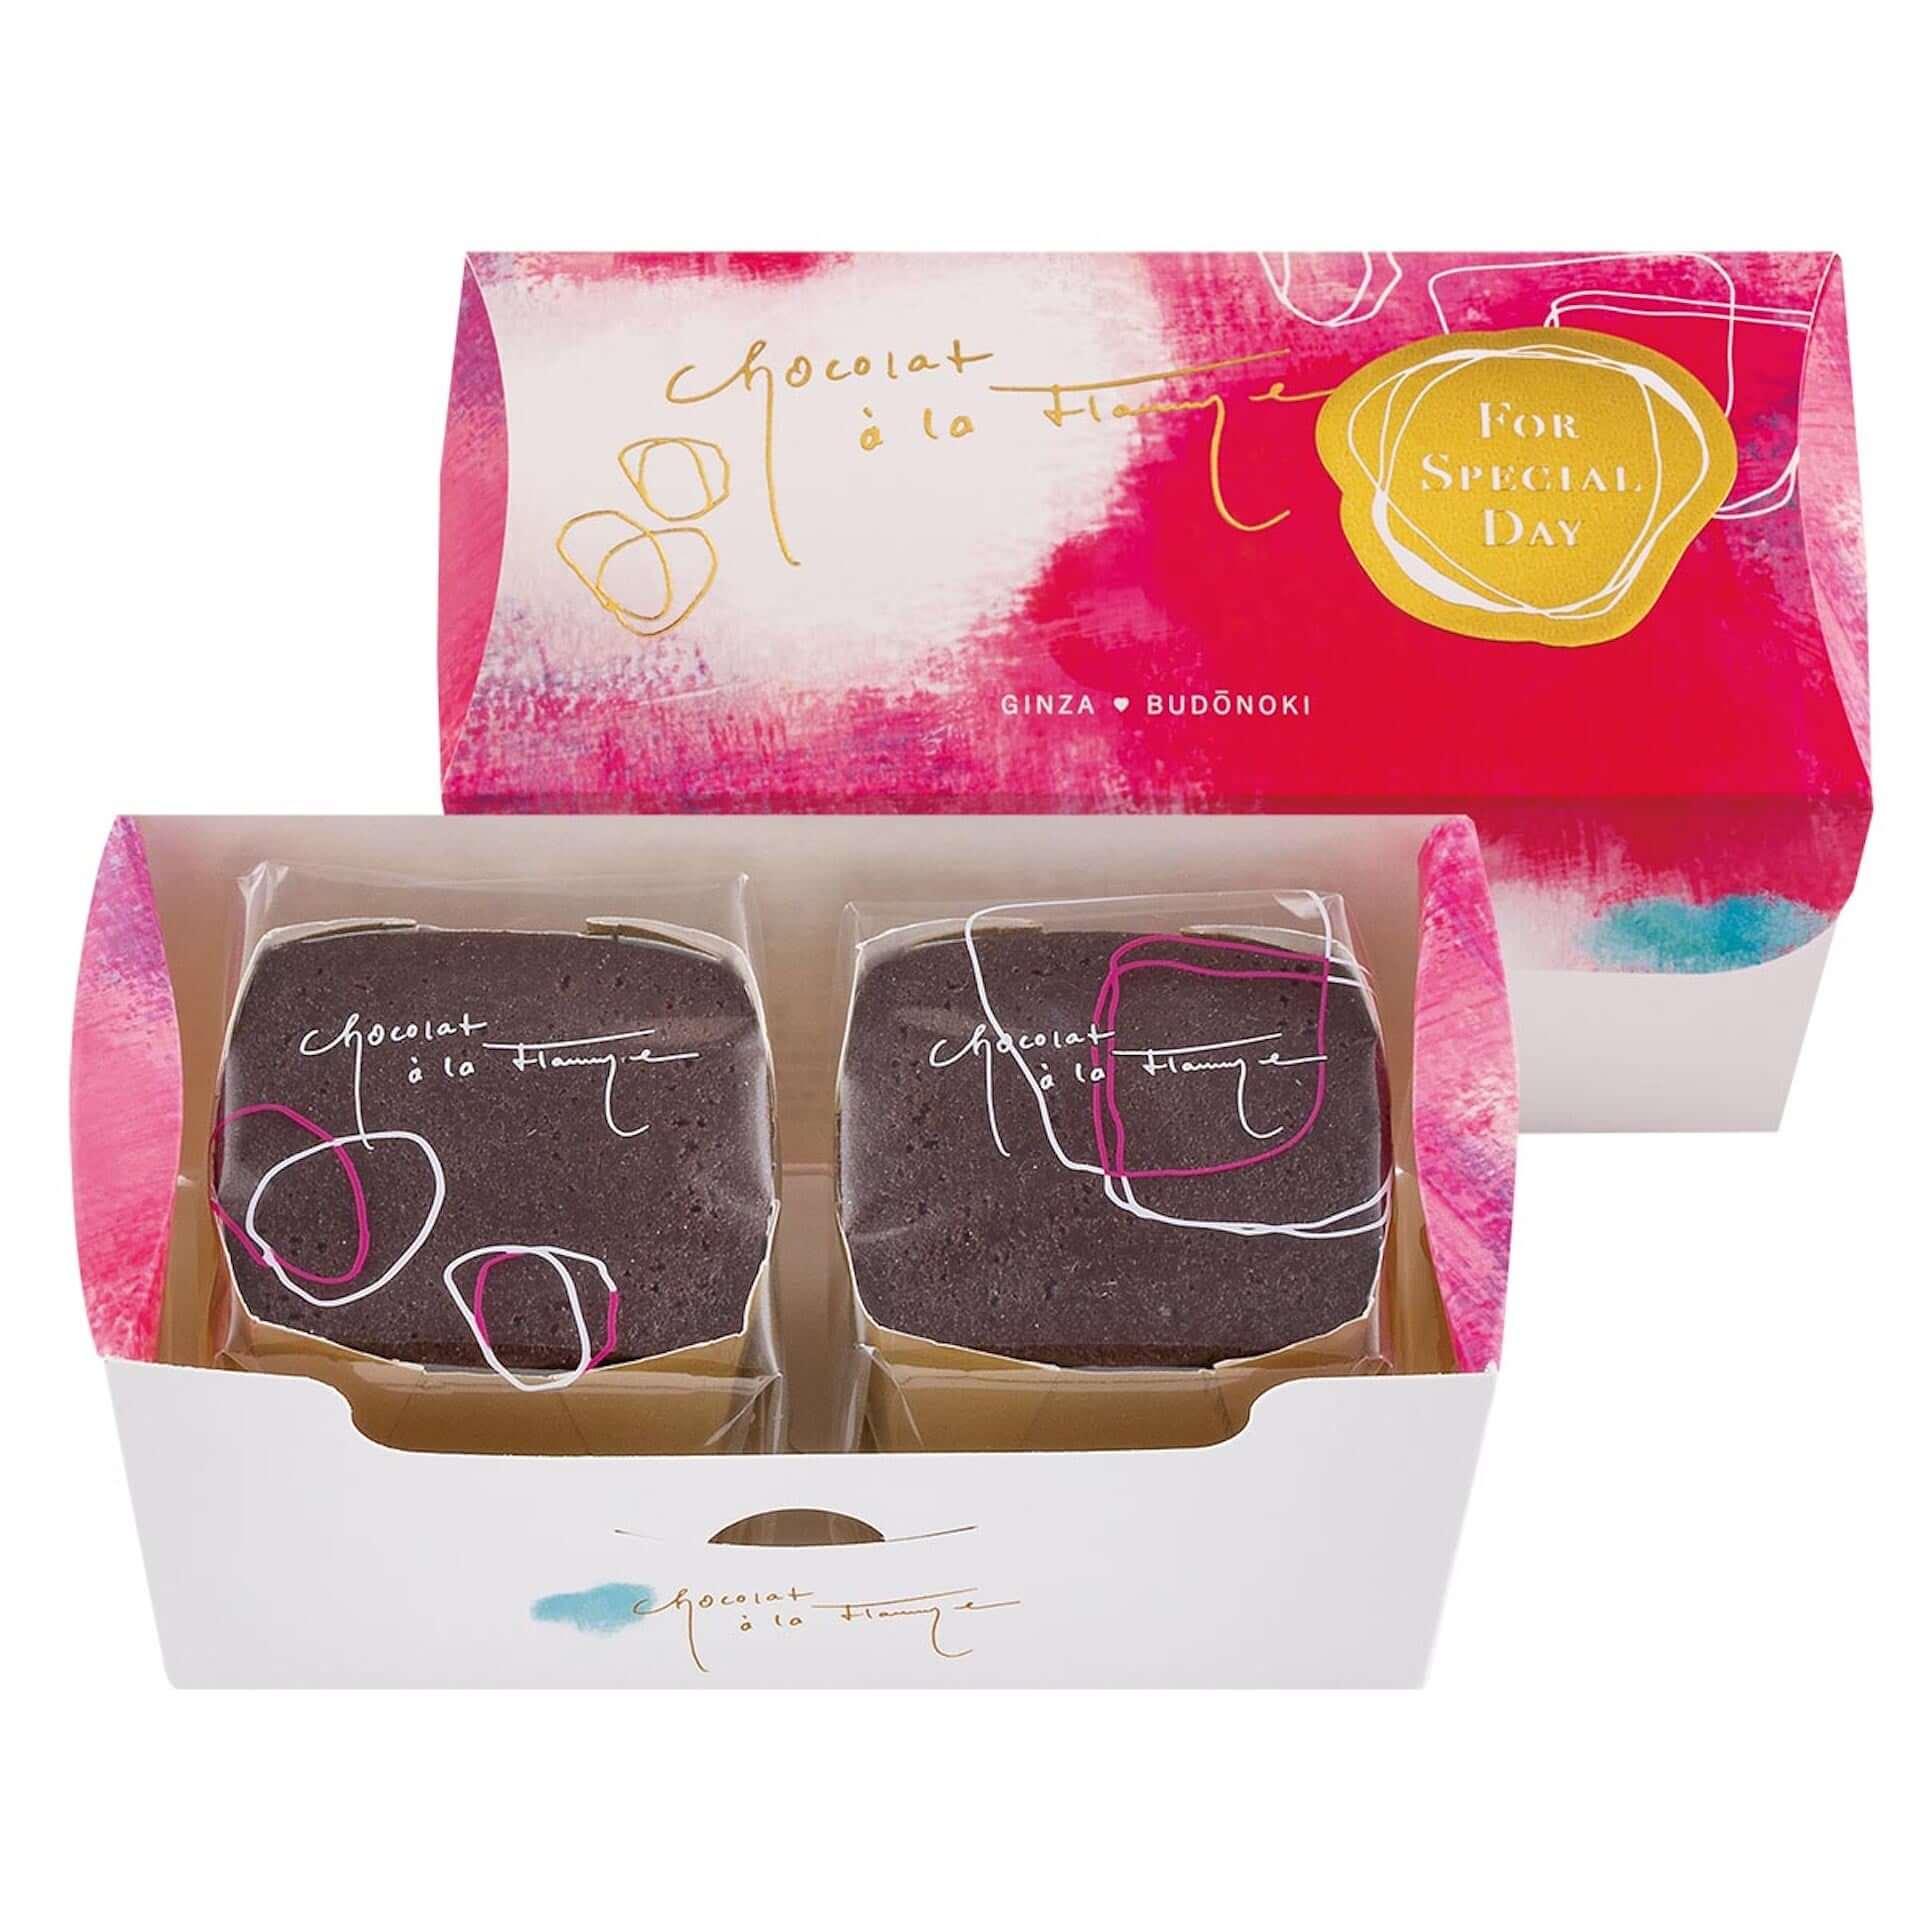 バレンタインの期間限定!600万個以上販売されている「銀のぶどう」の定番商品『炎のチョコレート』が今年も登場 gourmet210107_ginnobudo_7-1920x1920